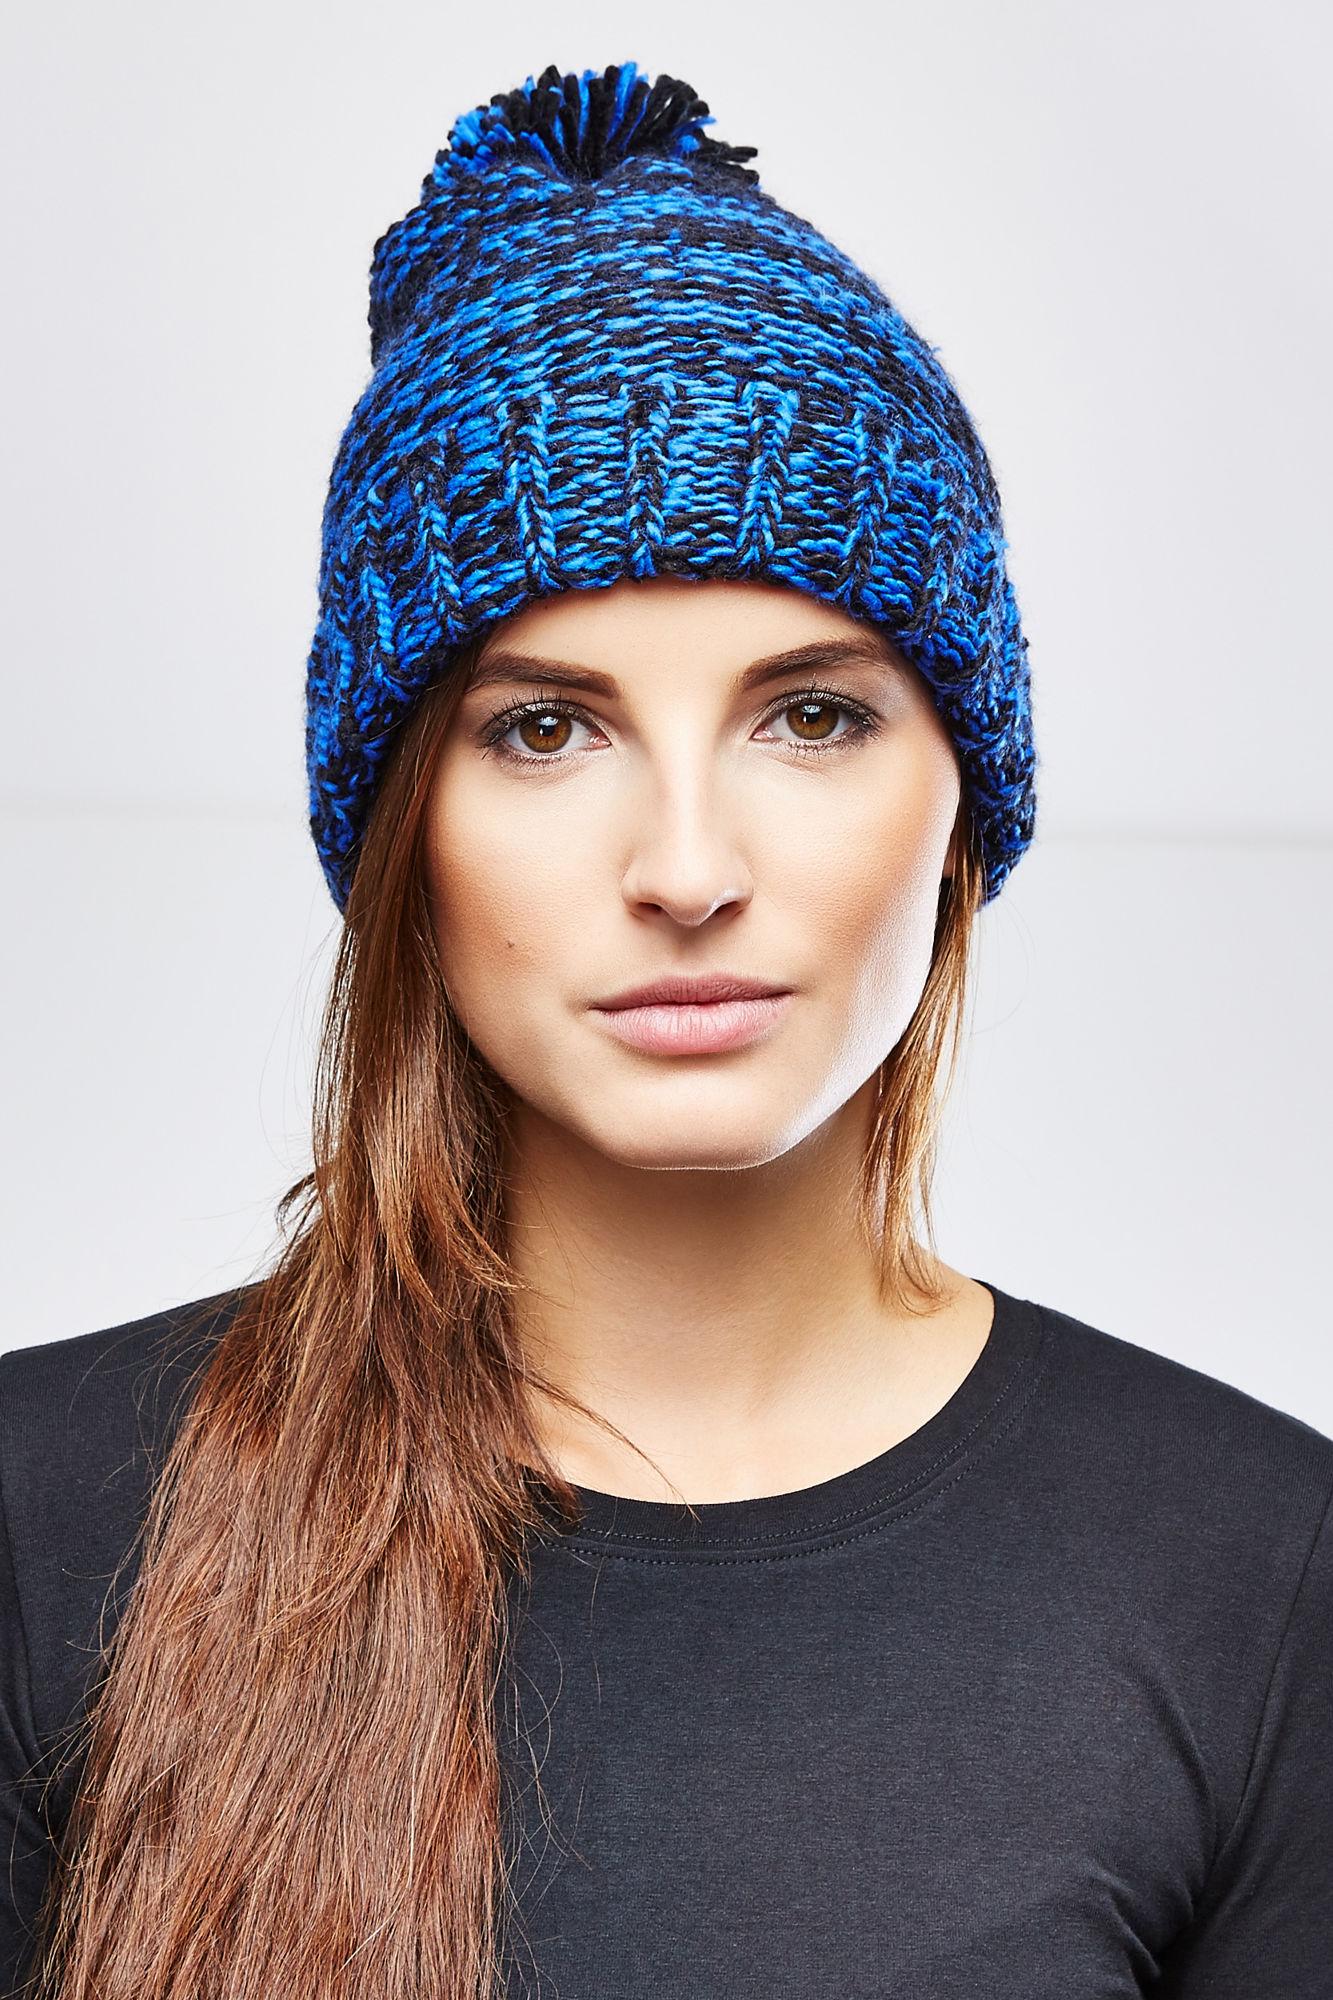 Шапка женская. Z-CZ-1815Z-CZ-1815 BLUEСтильная женская шапка Moodo отлично дополнит ваш образ в холодную погоду. Модель выполнена из 100%-го акрила, который максимально сохраняет тепло и обеспечивает удобную посадку. Классическая удлиненная шапка оформлена крупной вязкой и дополнена помпоном. Край шапки обработан широкой резинкой. Такая модель комфортна и приятна на ощупь, она великолепно подчеркнет ваш вкус.